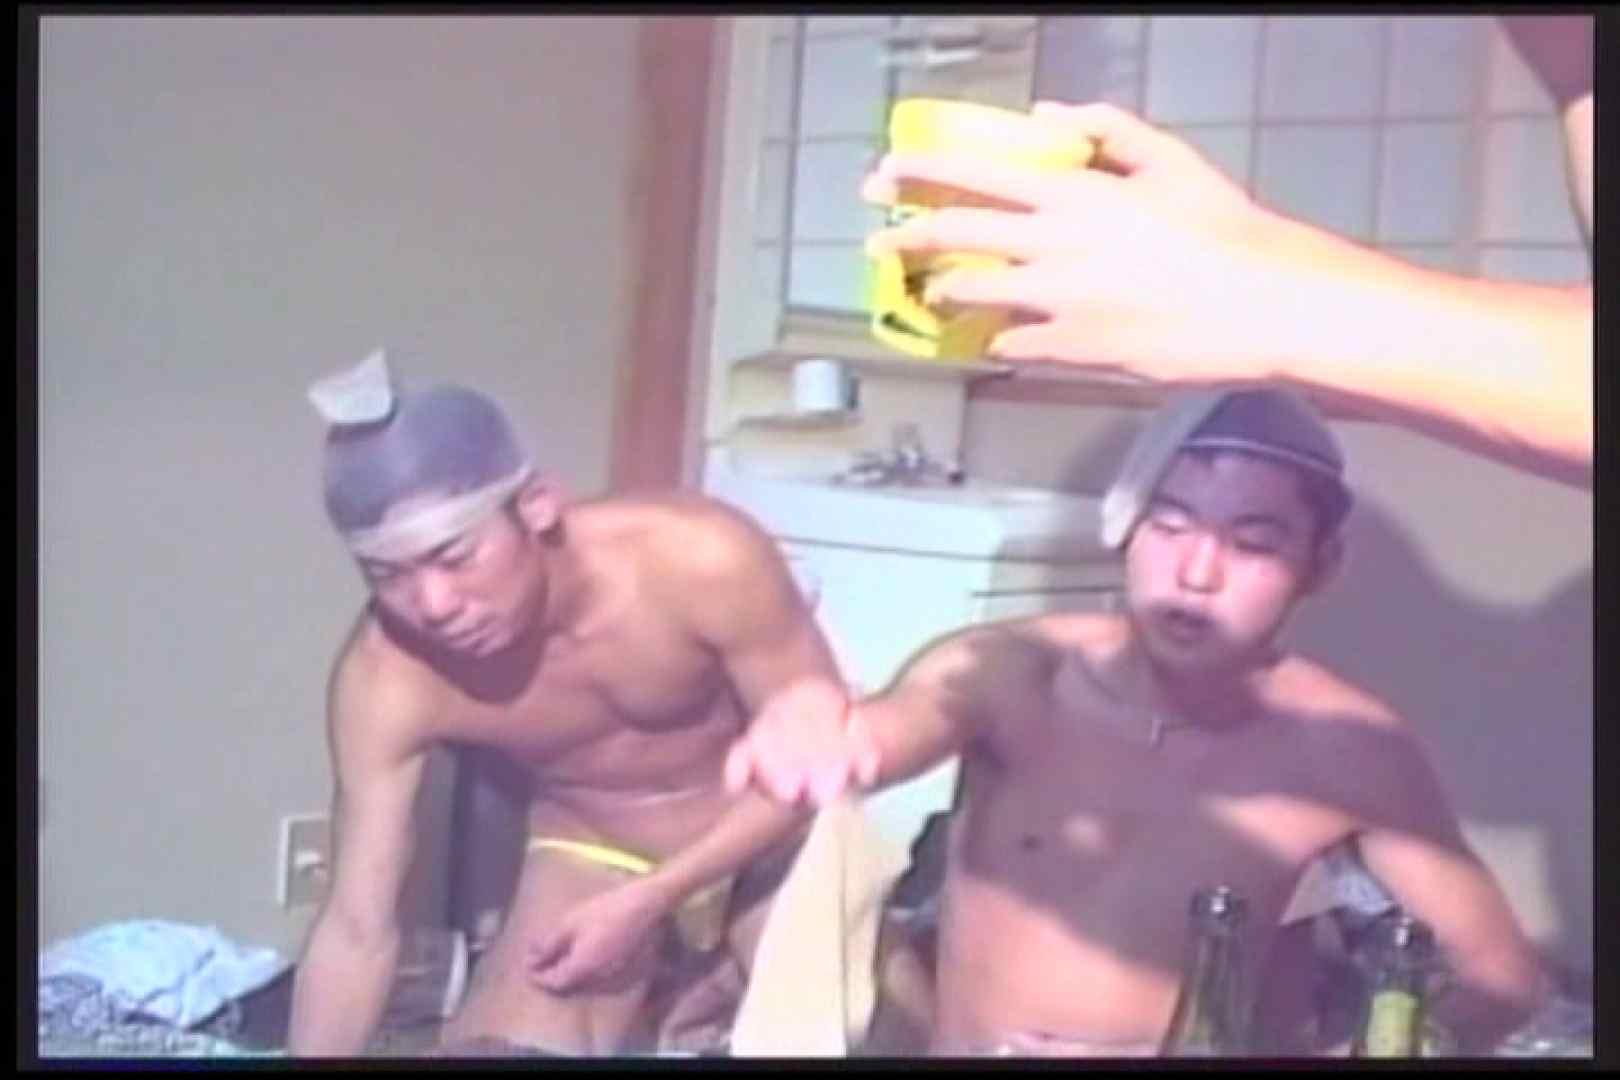 若人は元気!新歓合宿にておふざけ特集VOL.04 エッチシーン ゲイセックス画像 110枚 44